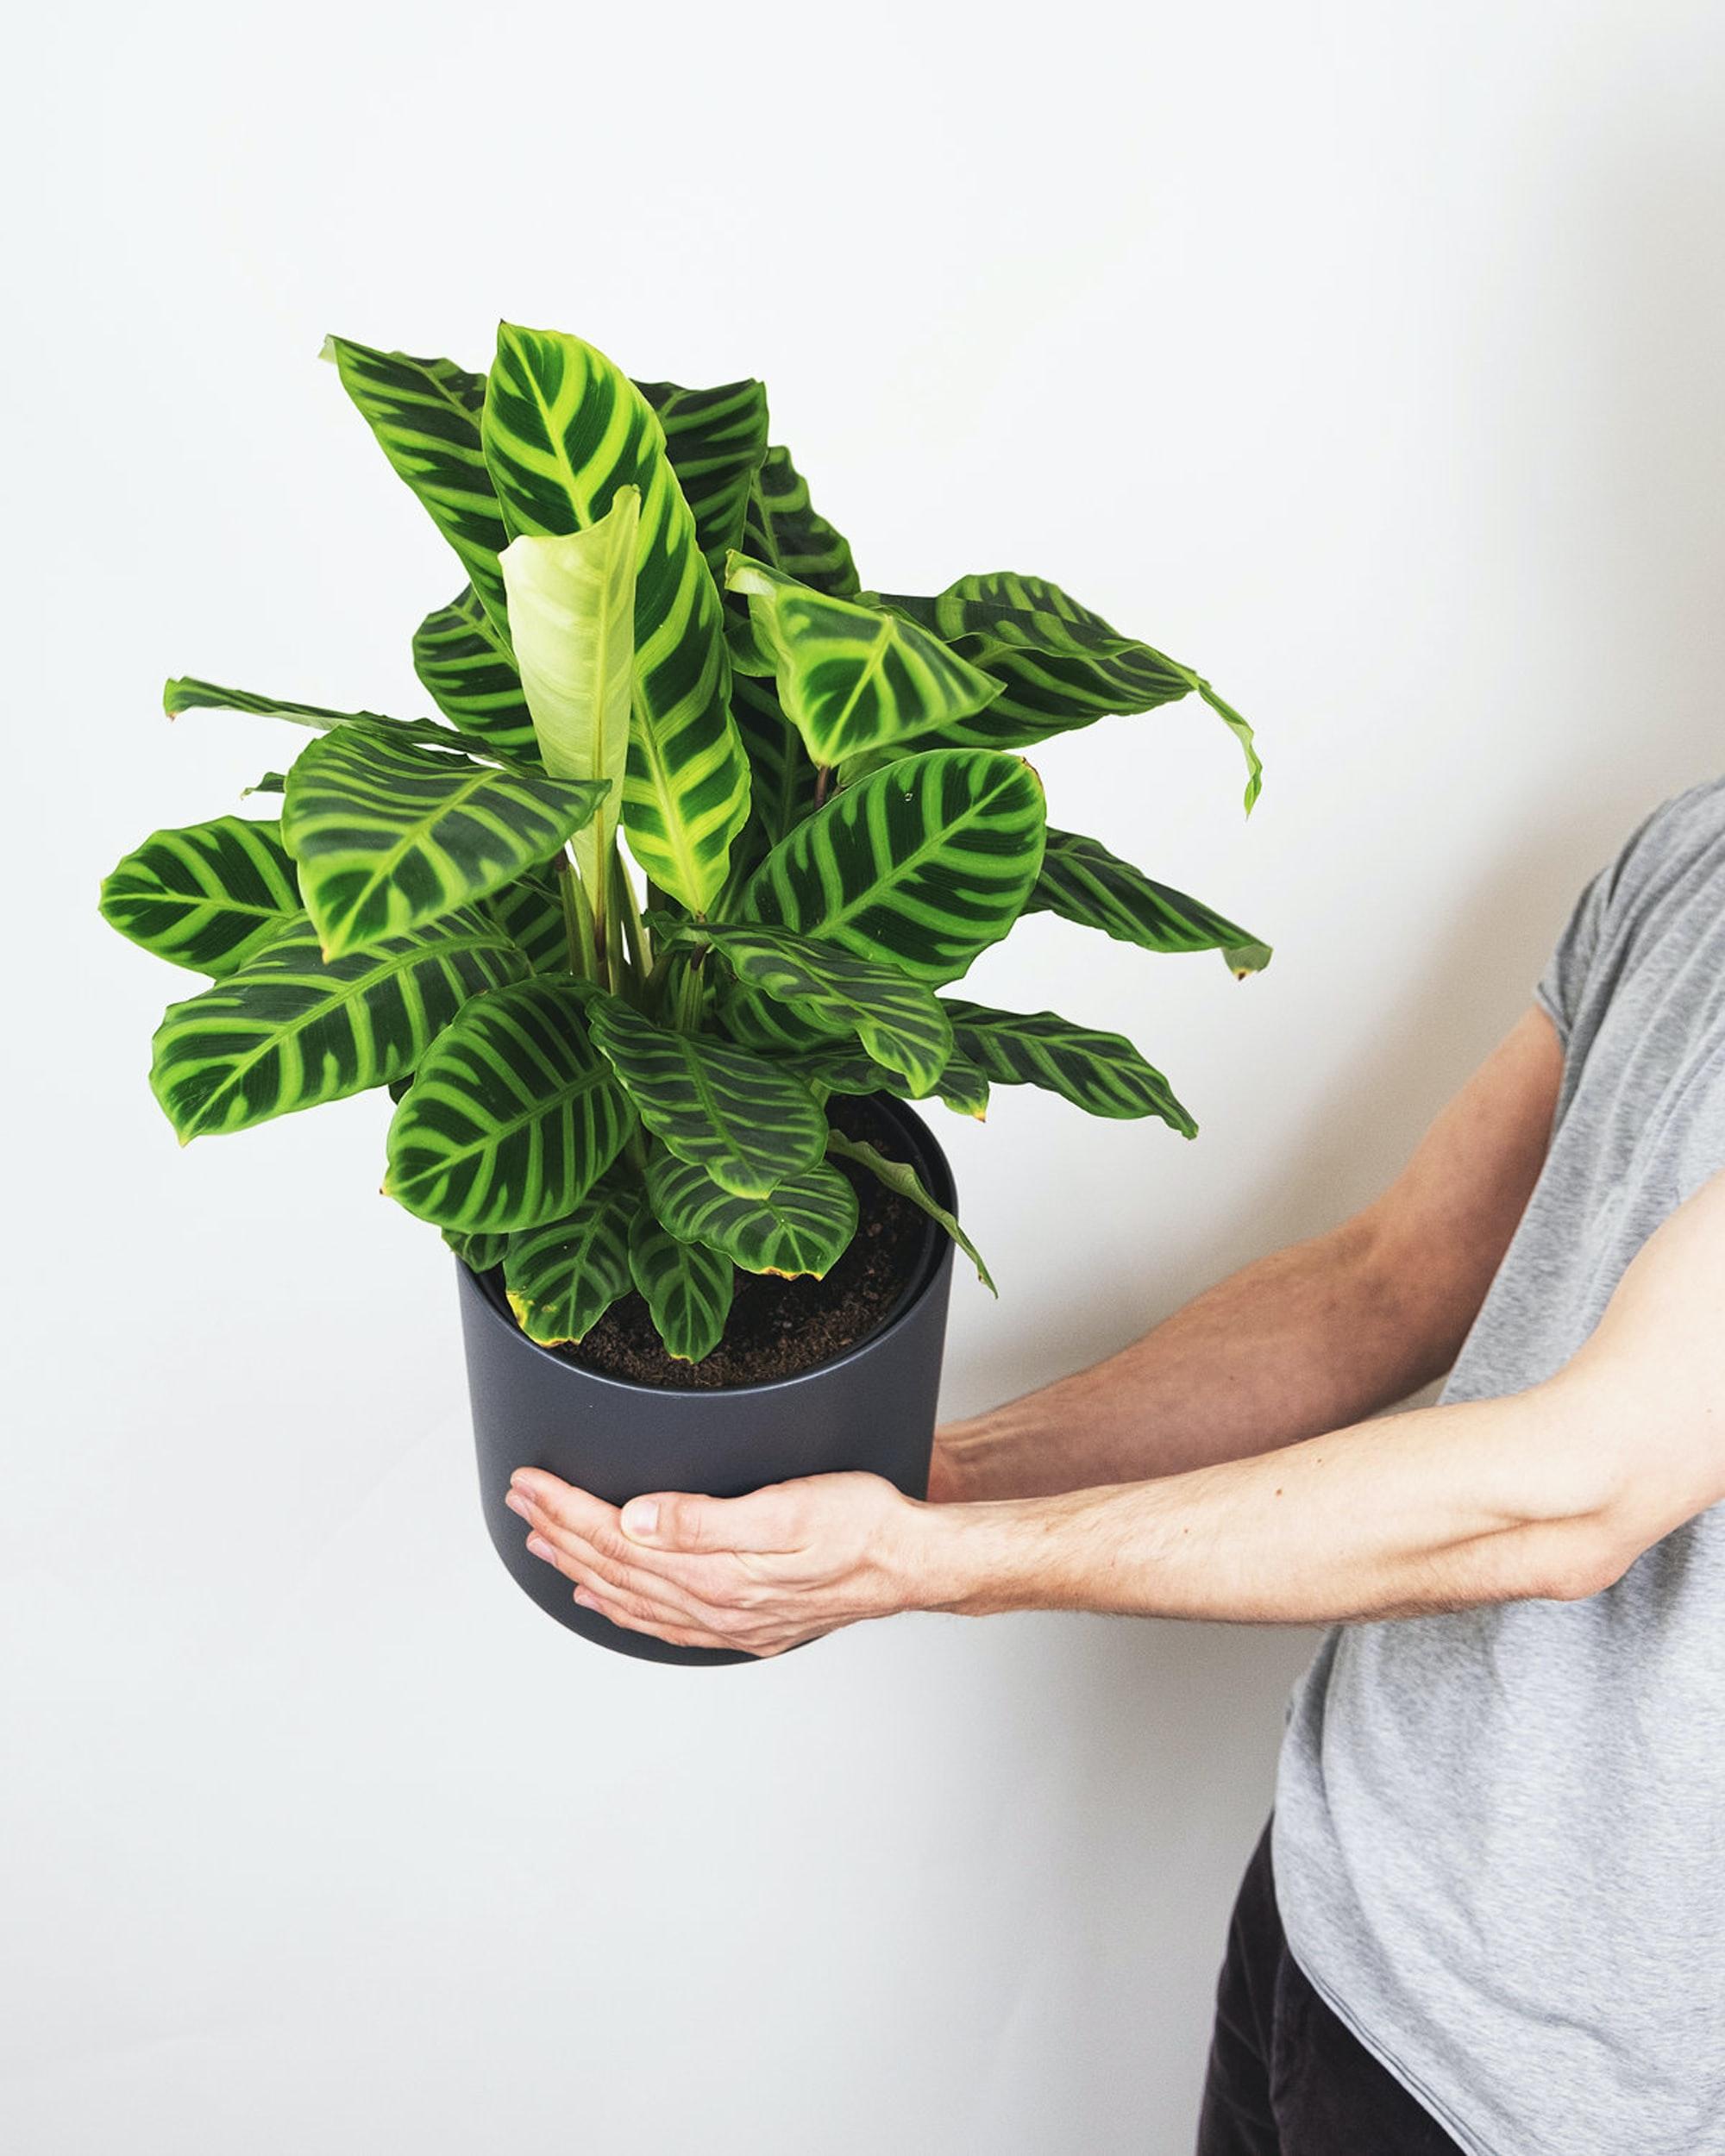 Introduction of Calathea Zebrina Houseplants